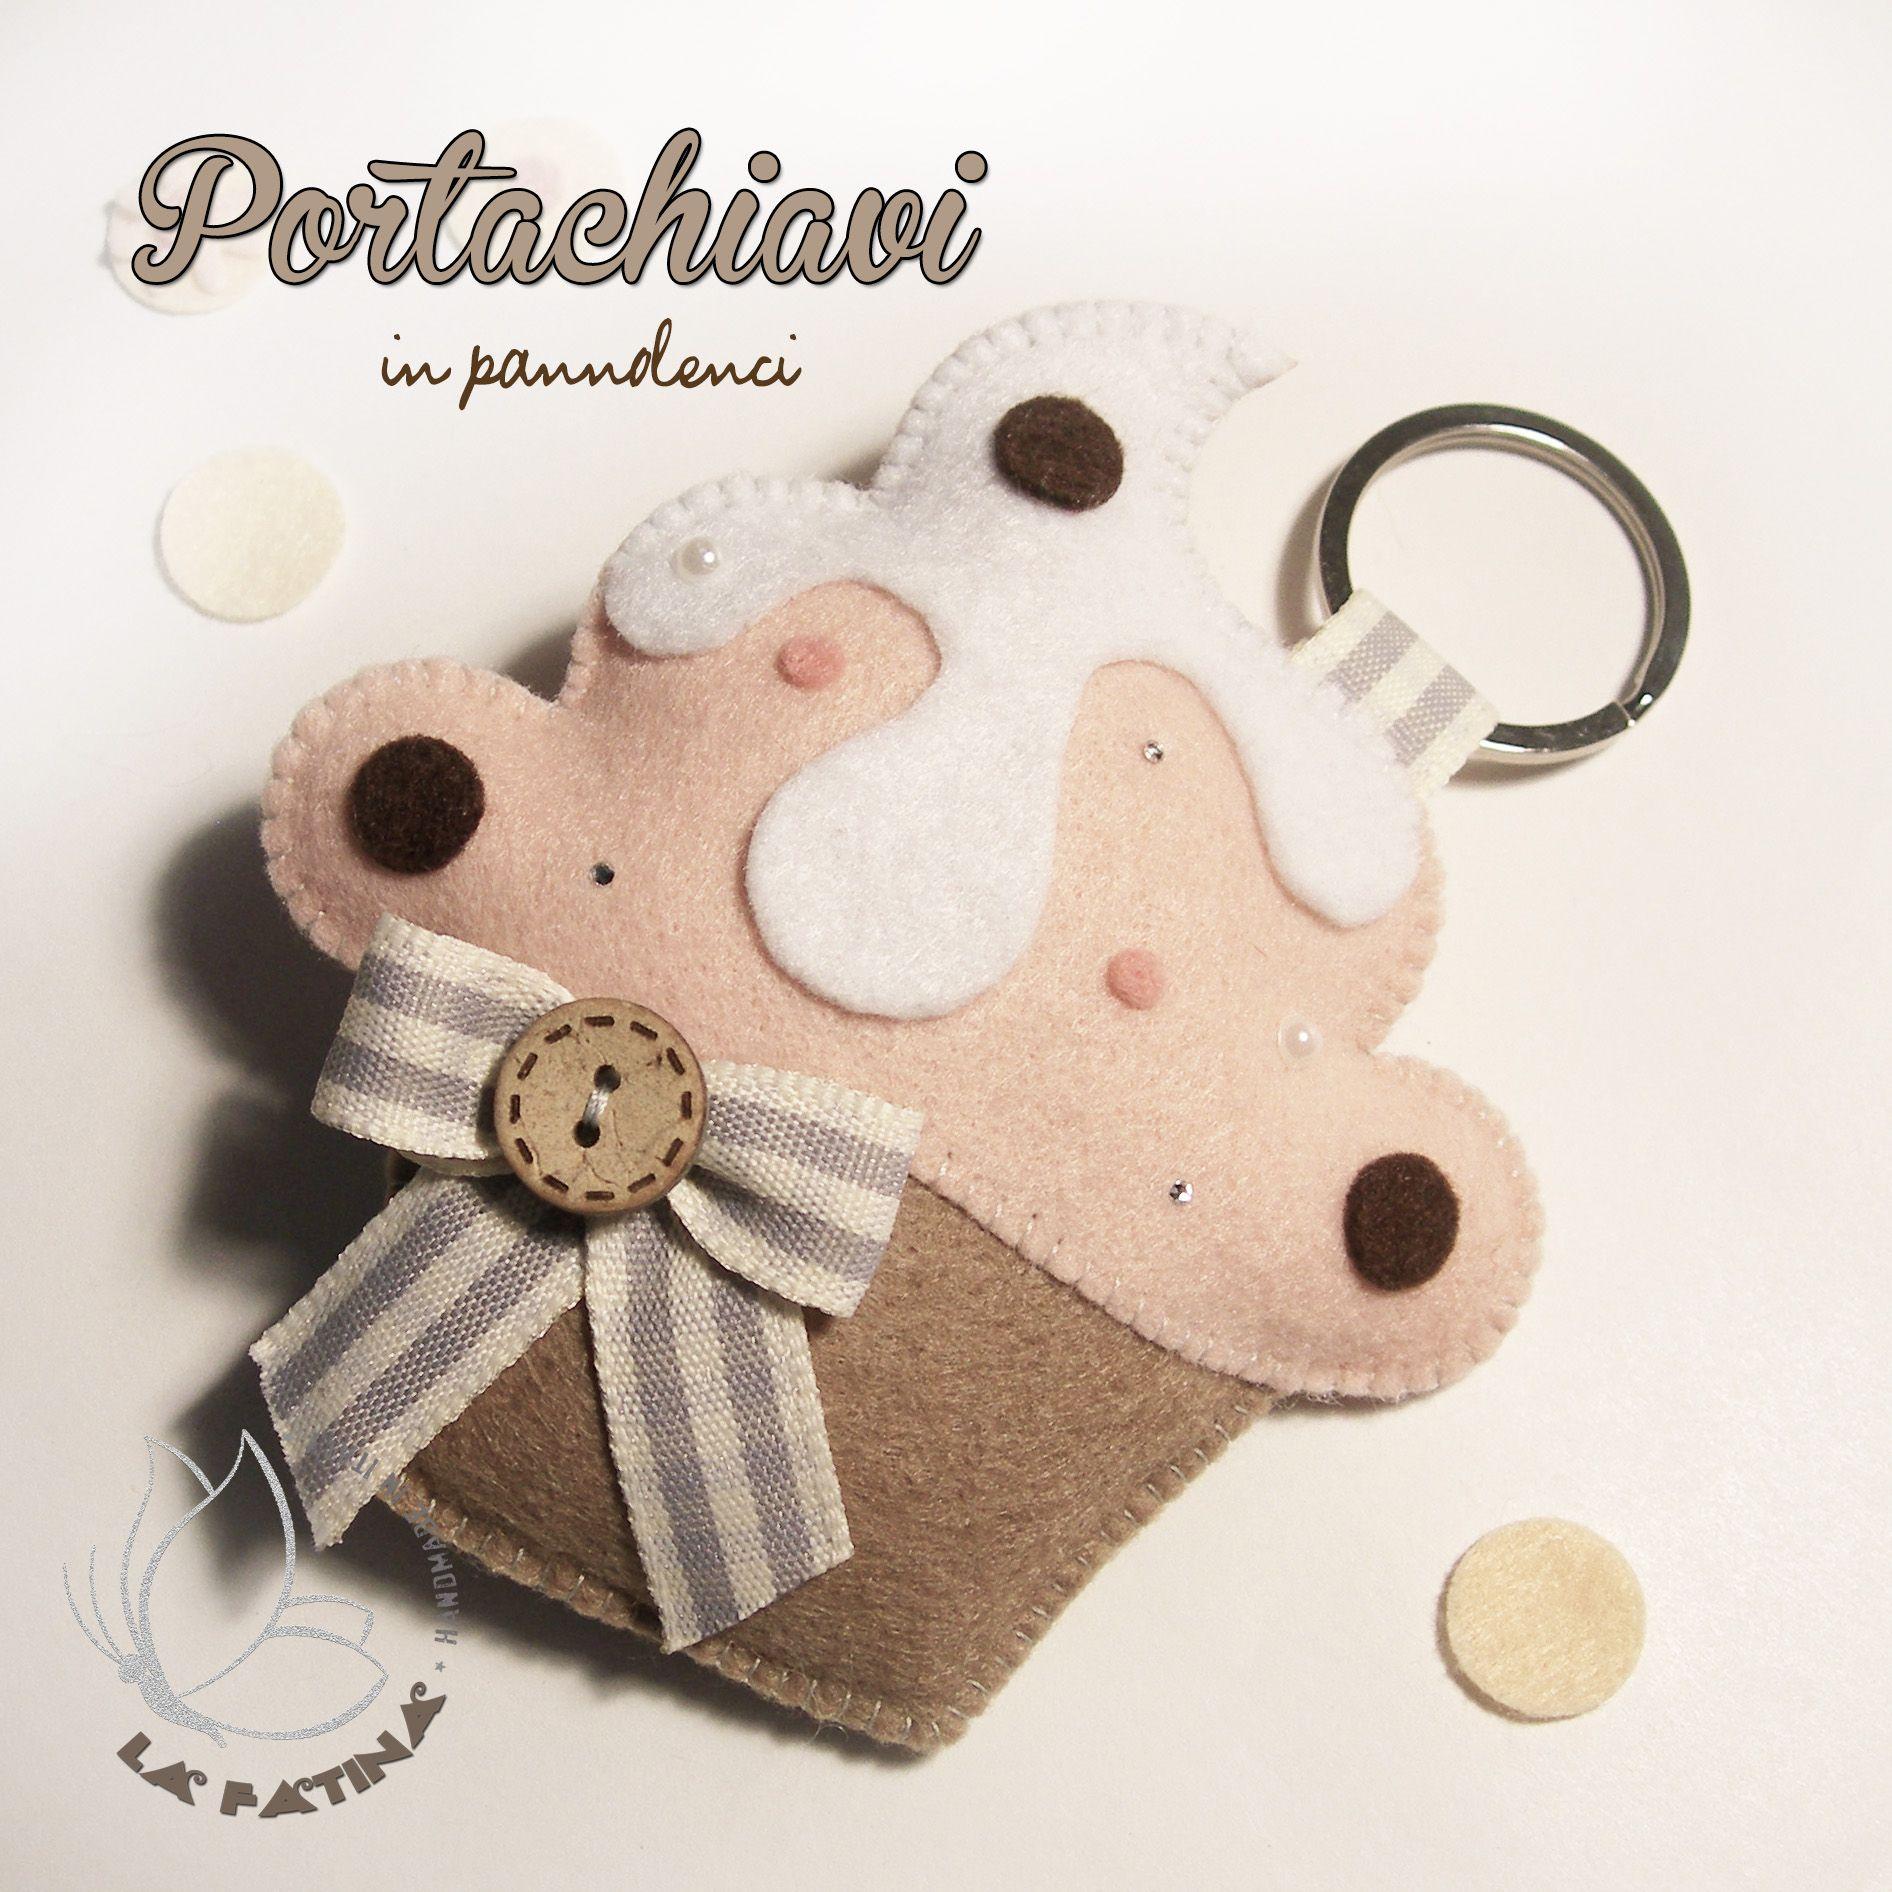 Portachiavi in pannolenci a forma di cupcake decore for Portachiavi pannolenci